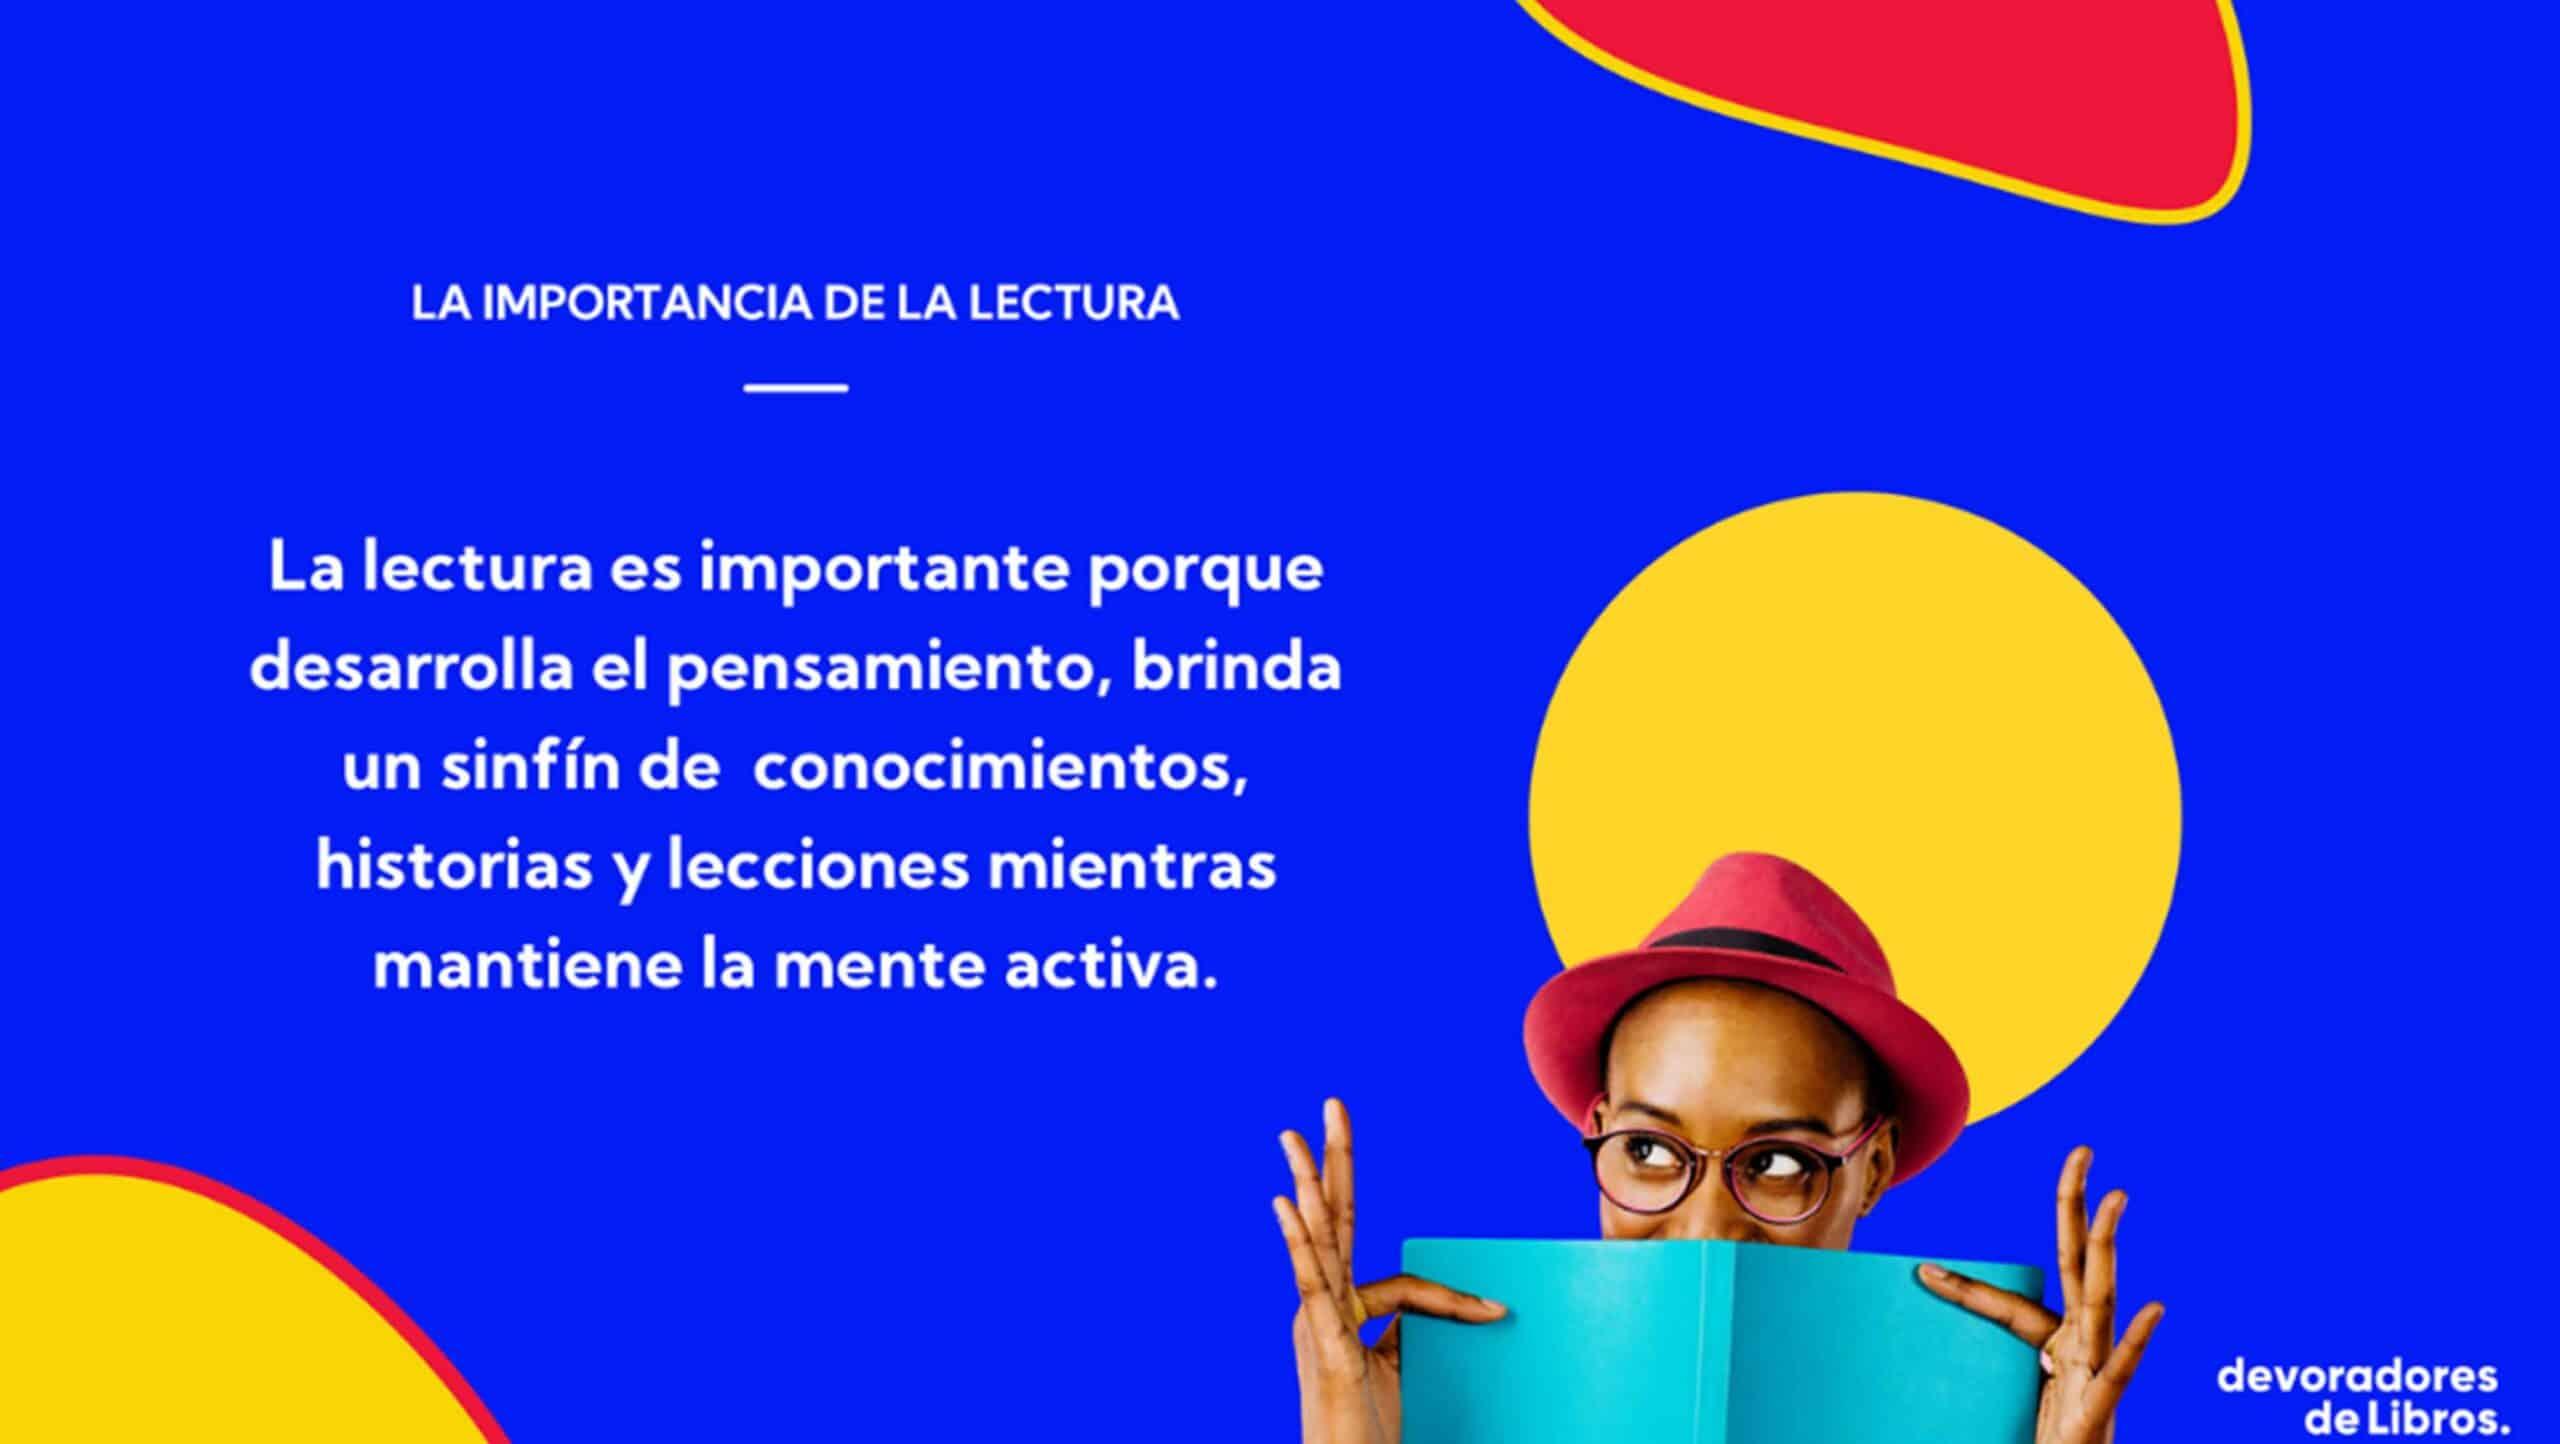 importancia de la lectura, frase, desarrollo personal.